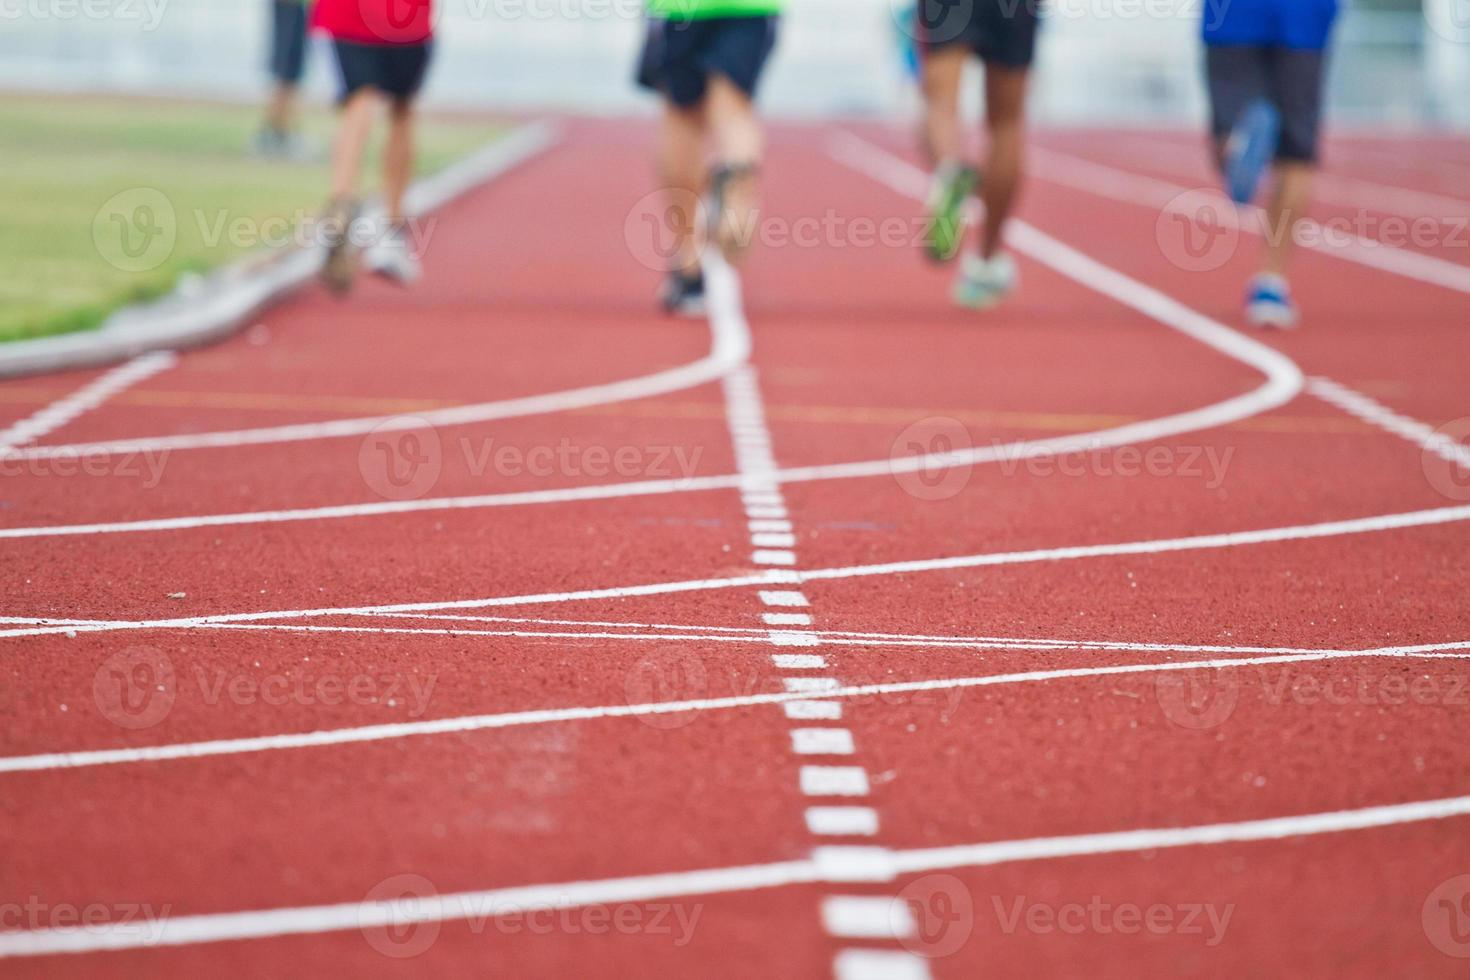 bijgesneden afbeelding van loper op competitief hardlopen foto